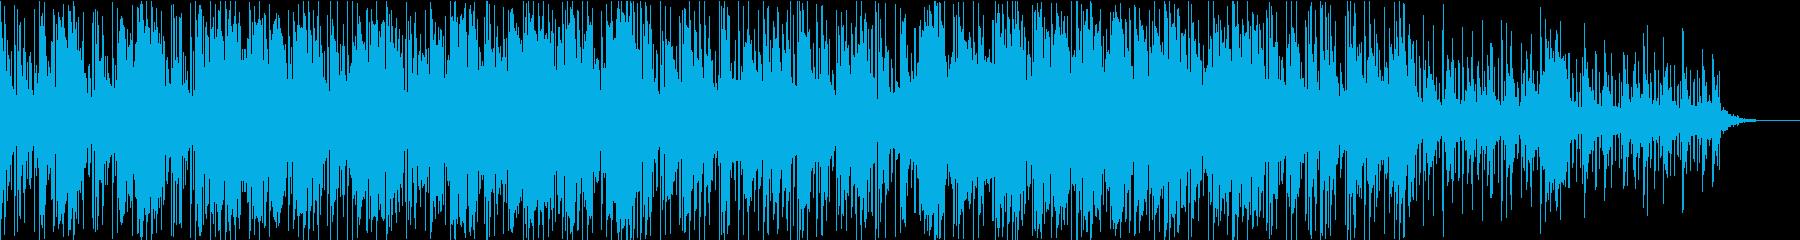 四つ打ちBGM、ポップ、軽やか、可愛いの再生済みの波形